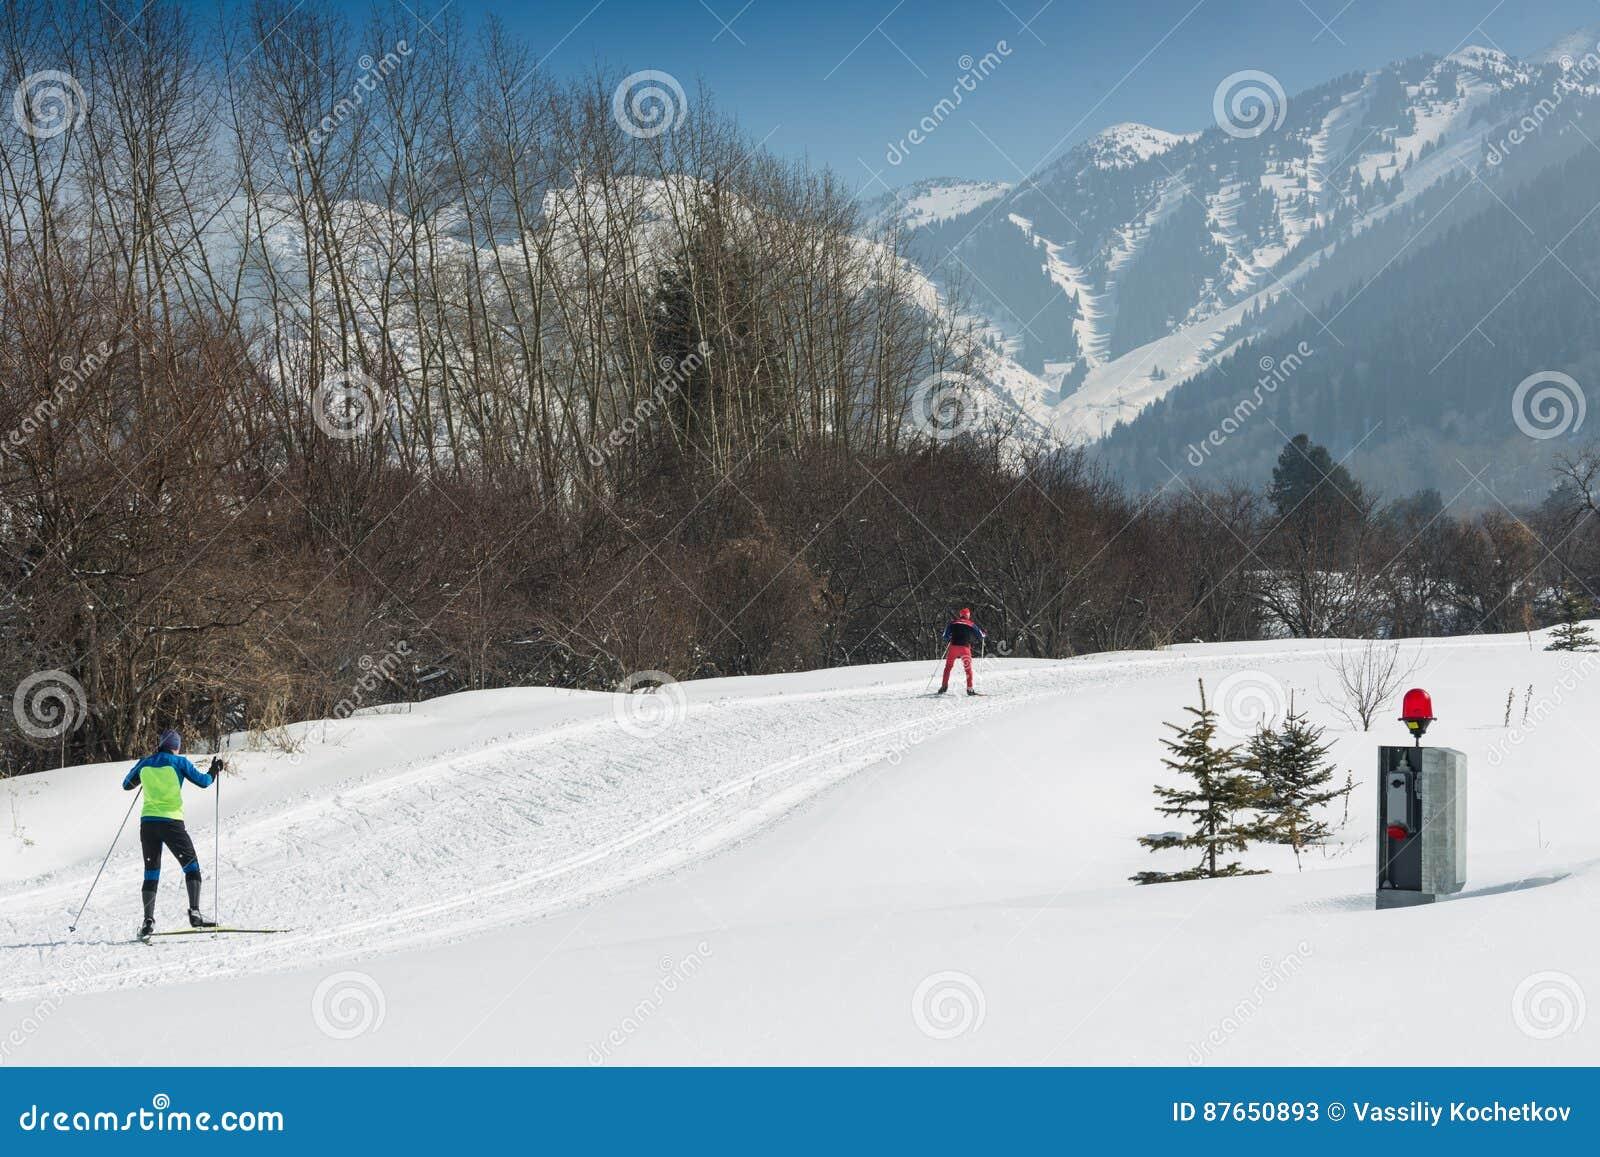 ΑΛΜΆΤΙ, ΚΑΖΑΚΣΤΑΝ - 18 ΦΕΒΡΟΥΑΡΊΟΥ 2017: ερασιτεχνικοί ανταγωνισμοί στην πειθαρχία ανώμαλο να κάνει σκι, με το όνομα